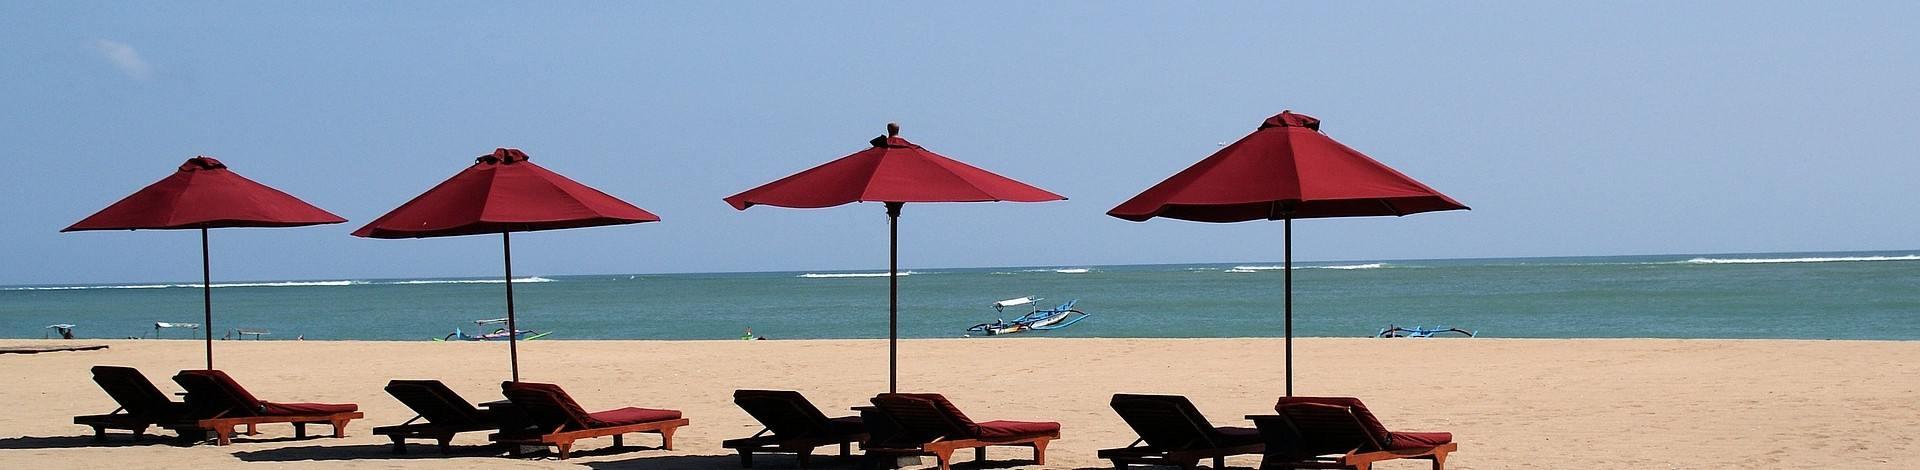 Plage Bali Jimbaran Kuta parasols mer sable blanc